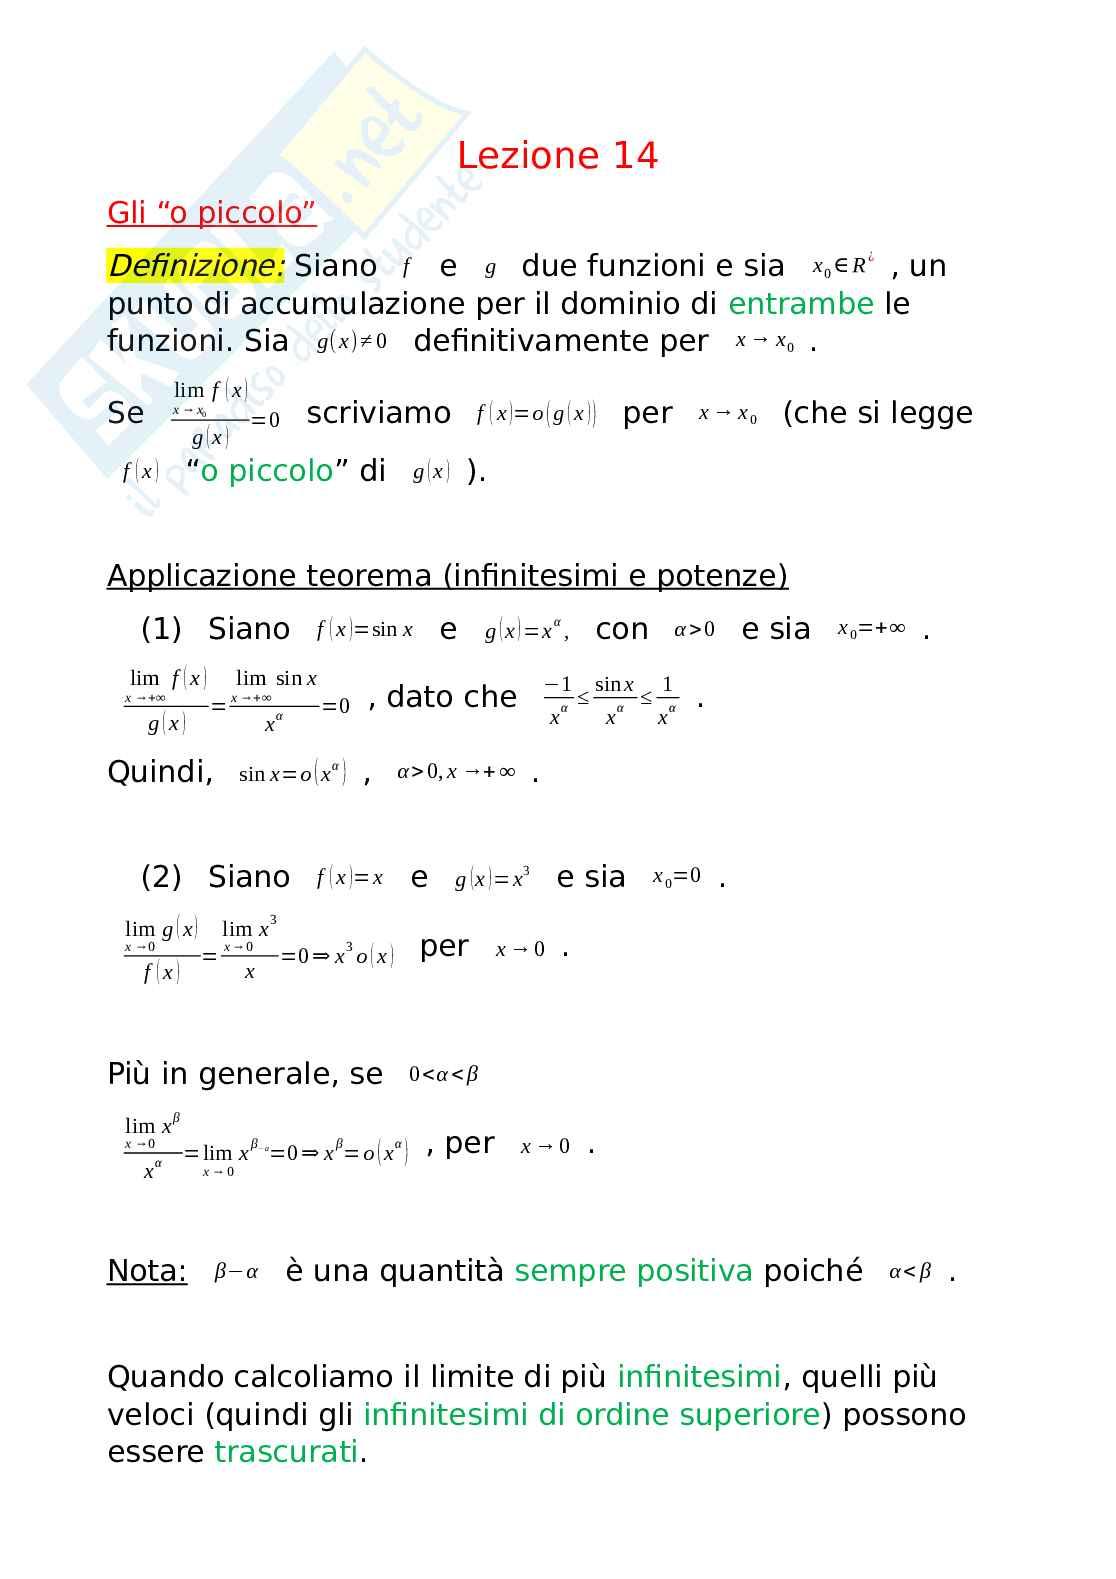 """Gli """"o-piccolo"""" per risolvere i limiti di funzioni, Analisi matematica"""